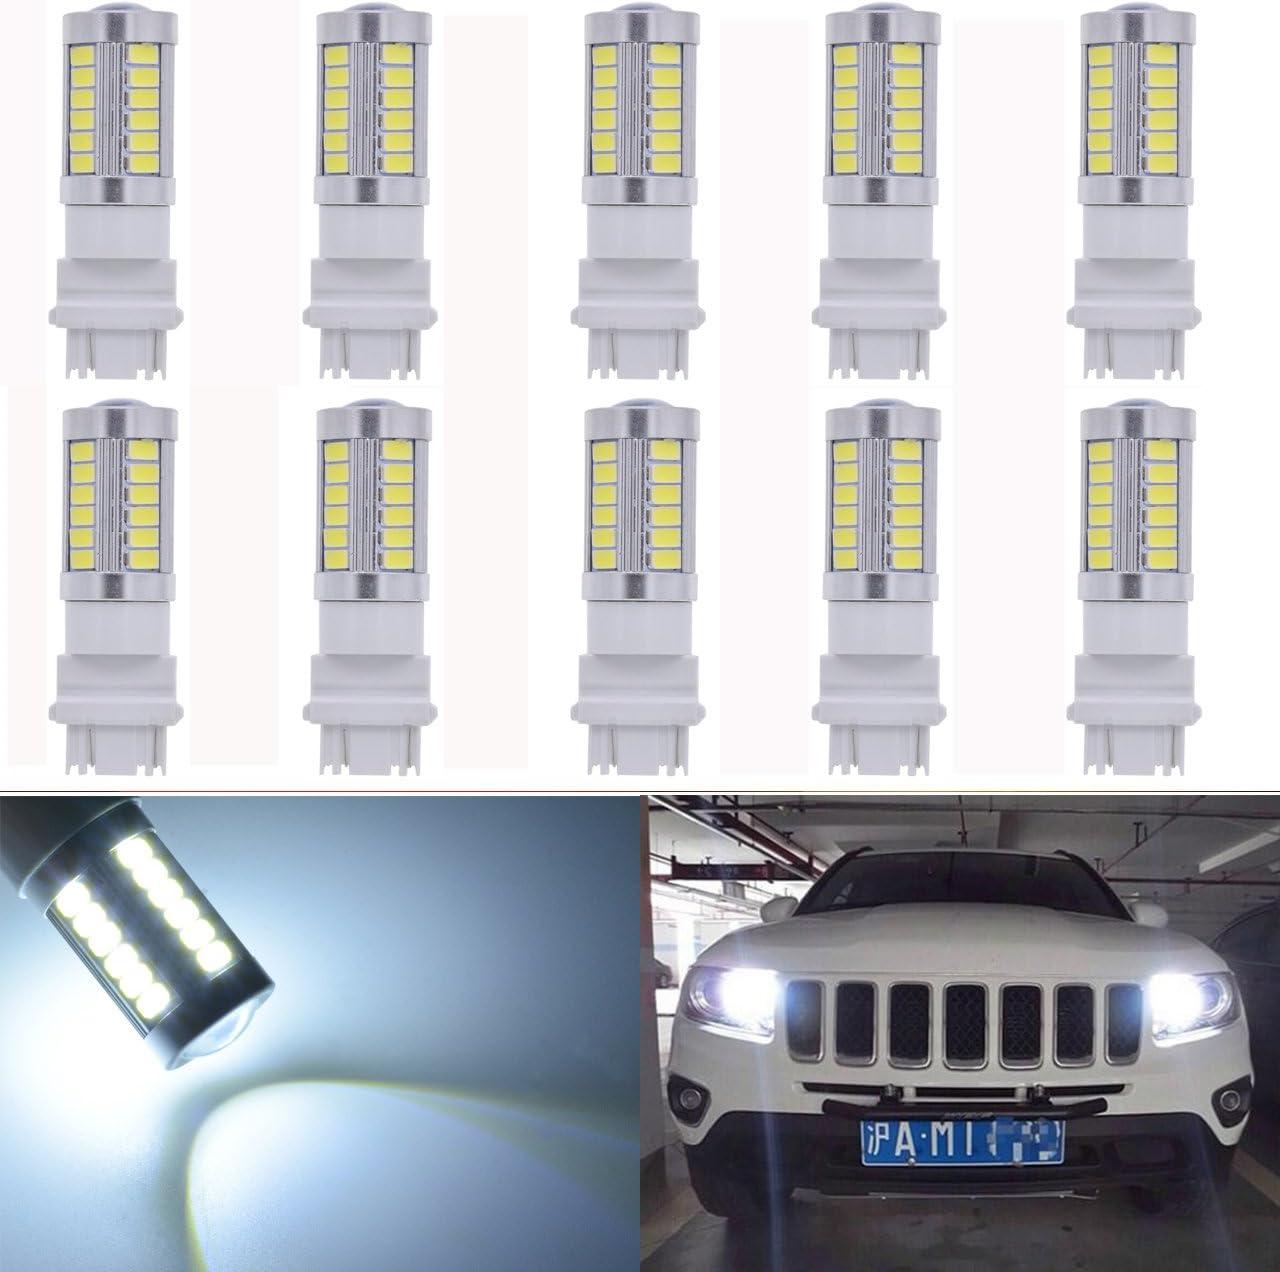 KATUR 4-Pack Amber Super Bright 950Lums 3157 3047 3057 3155 3457 4057 Base 33 SMD 5050 LED Replacement for Car Incandescence Bulb RV Camper Brake Turn Lamp Lights DC 12V 3500K